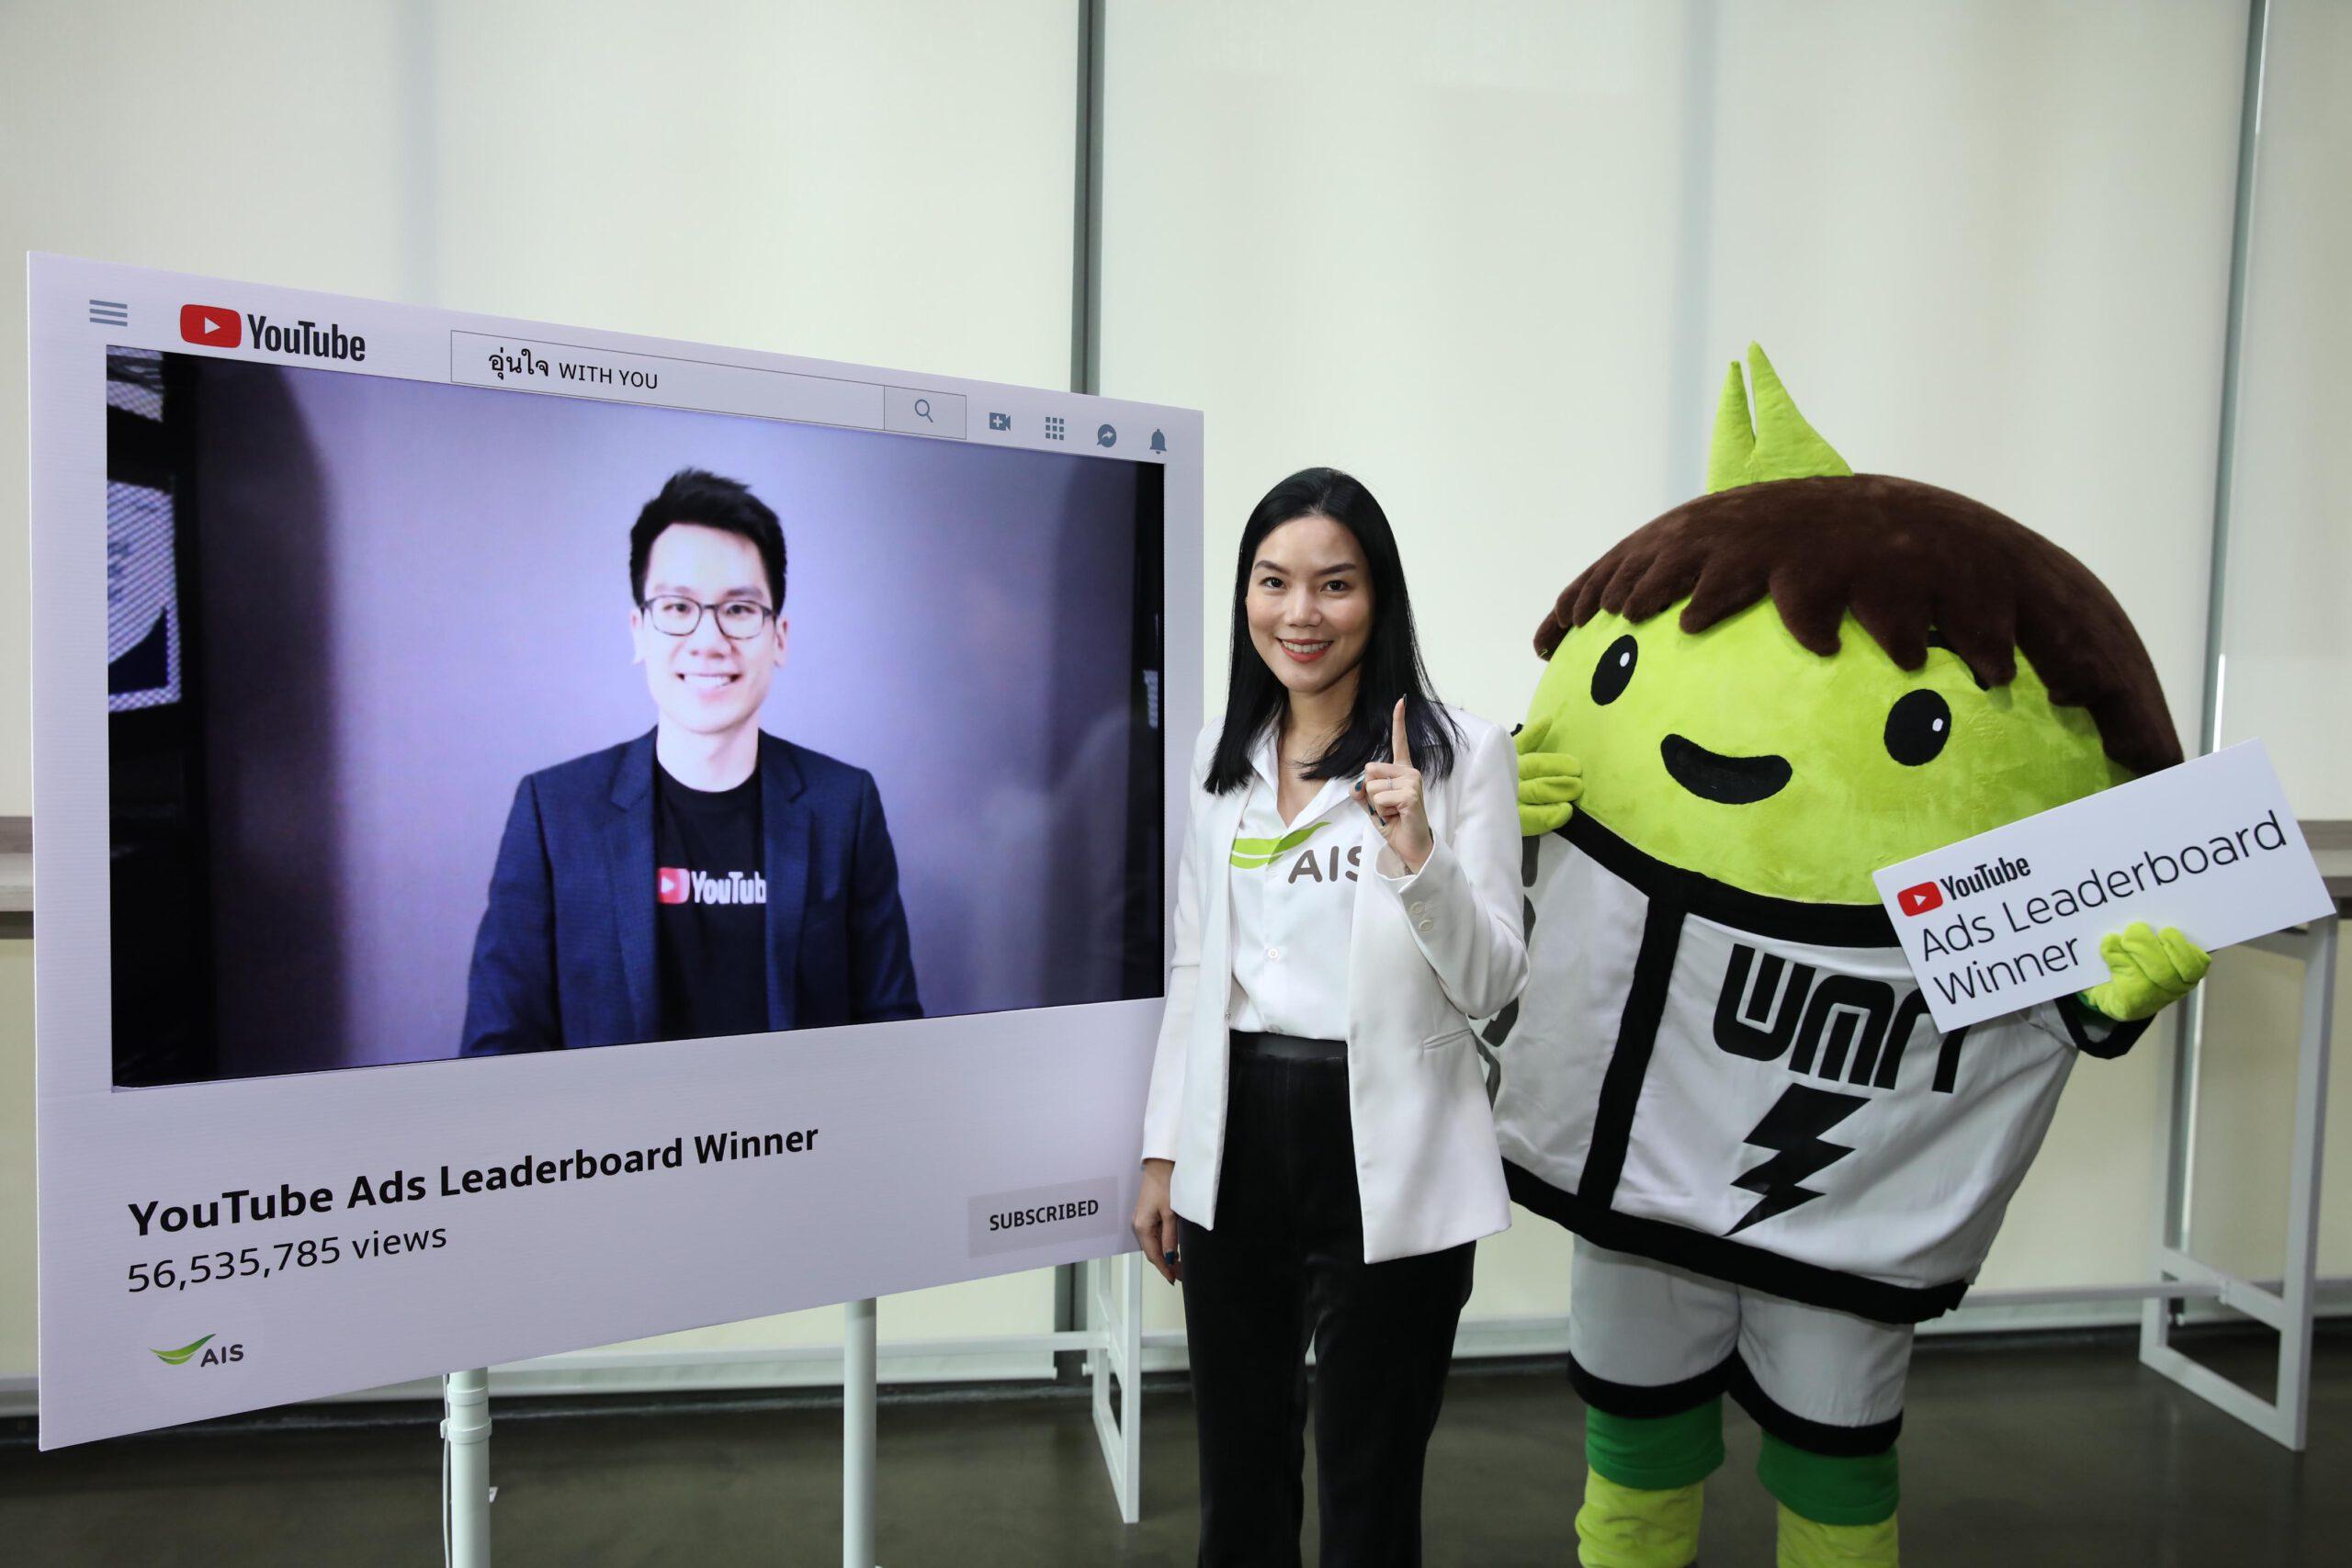 น้องอุ่นใจปลื้ม คว้ารางวัลภาพยนตร์โฆษณาบน YouTube ที่คนไทยชื่นชอบมากที่สุด ประจำปี 2019 ตอกย้ำแบรนด์ที่สื่อสารได้ตรงใจคนไทยทุกเจเนอเรชัน